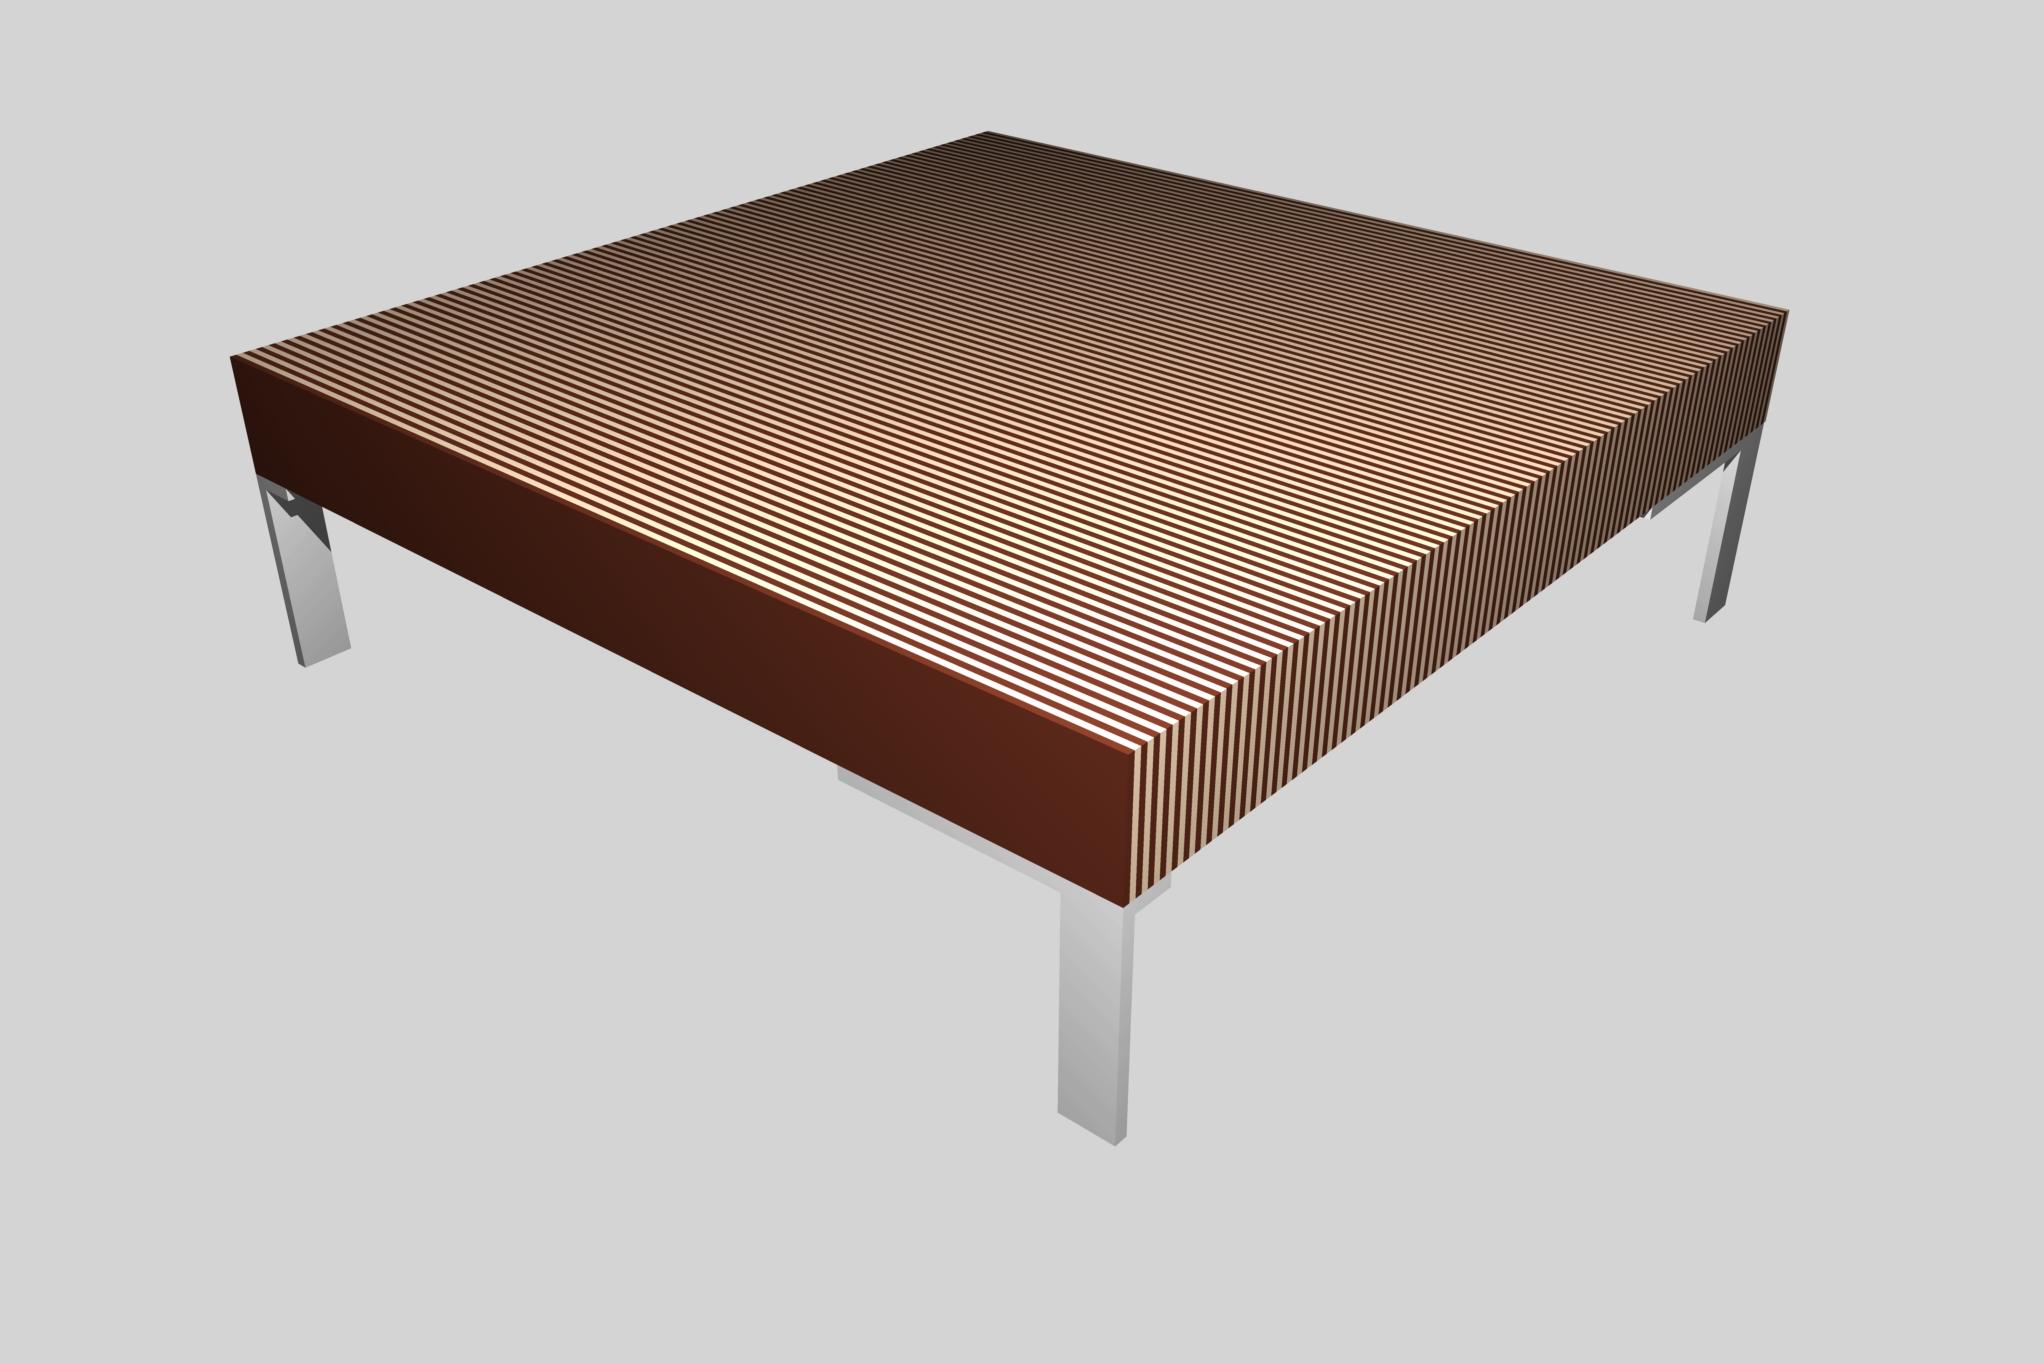 Salontafel multiplex vierkant 2 rob kwak meubelontwerp for Salontafel vierkant